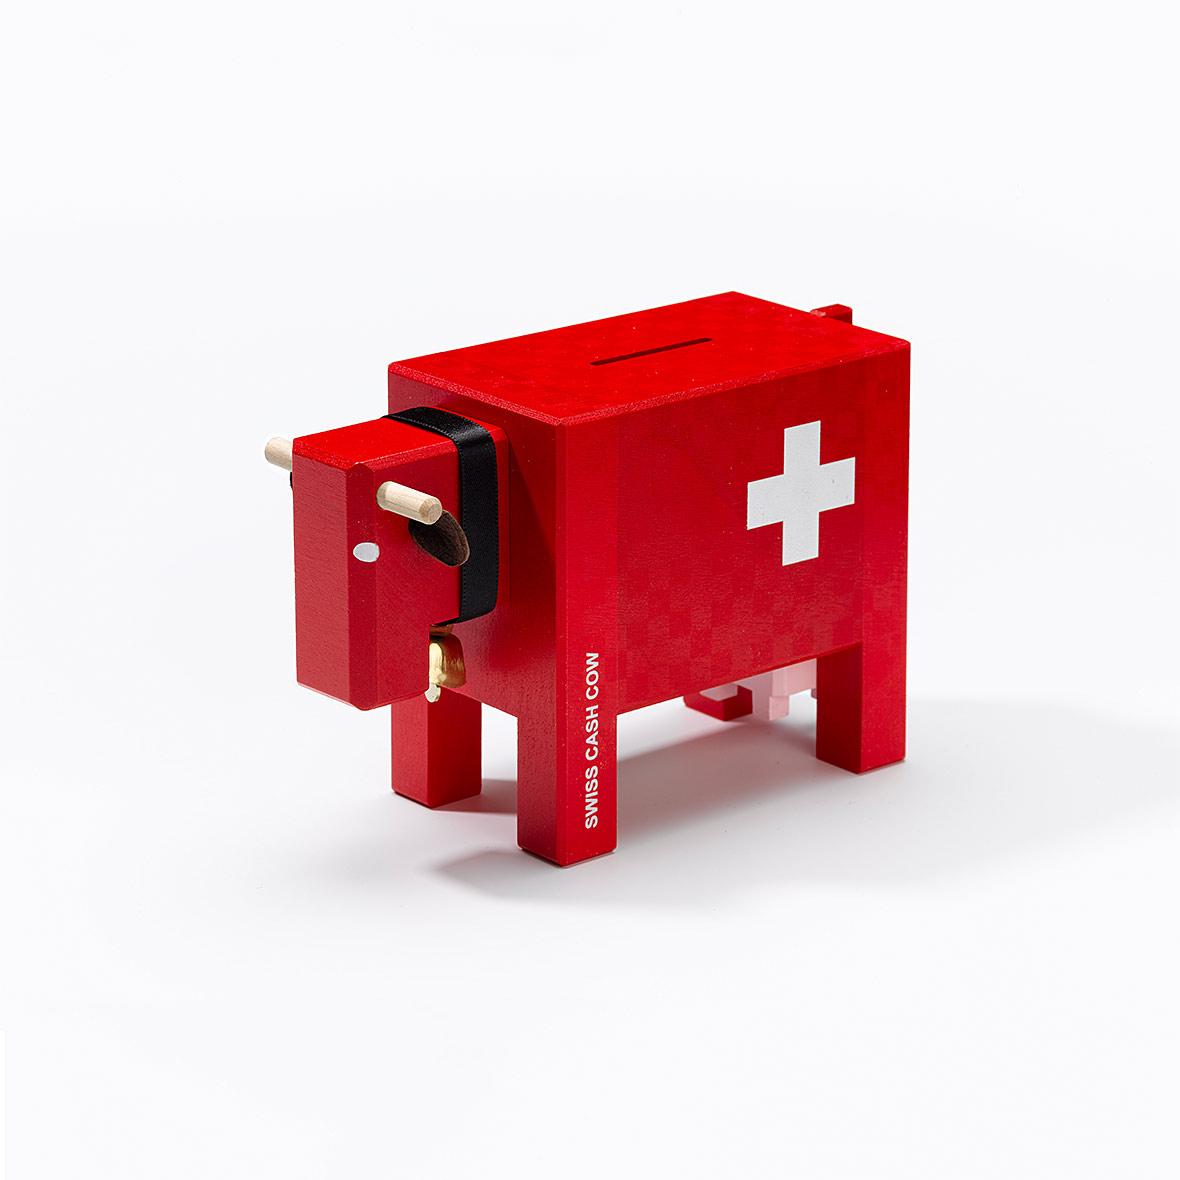 Sparkasse rote Kuh, Schweiz